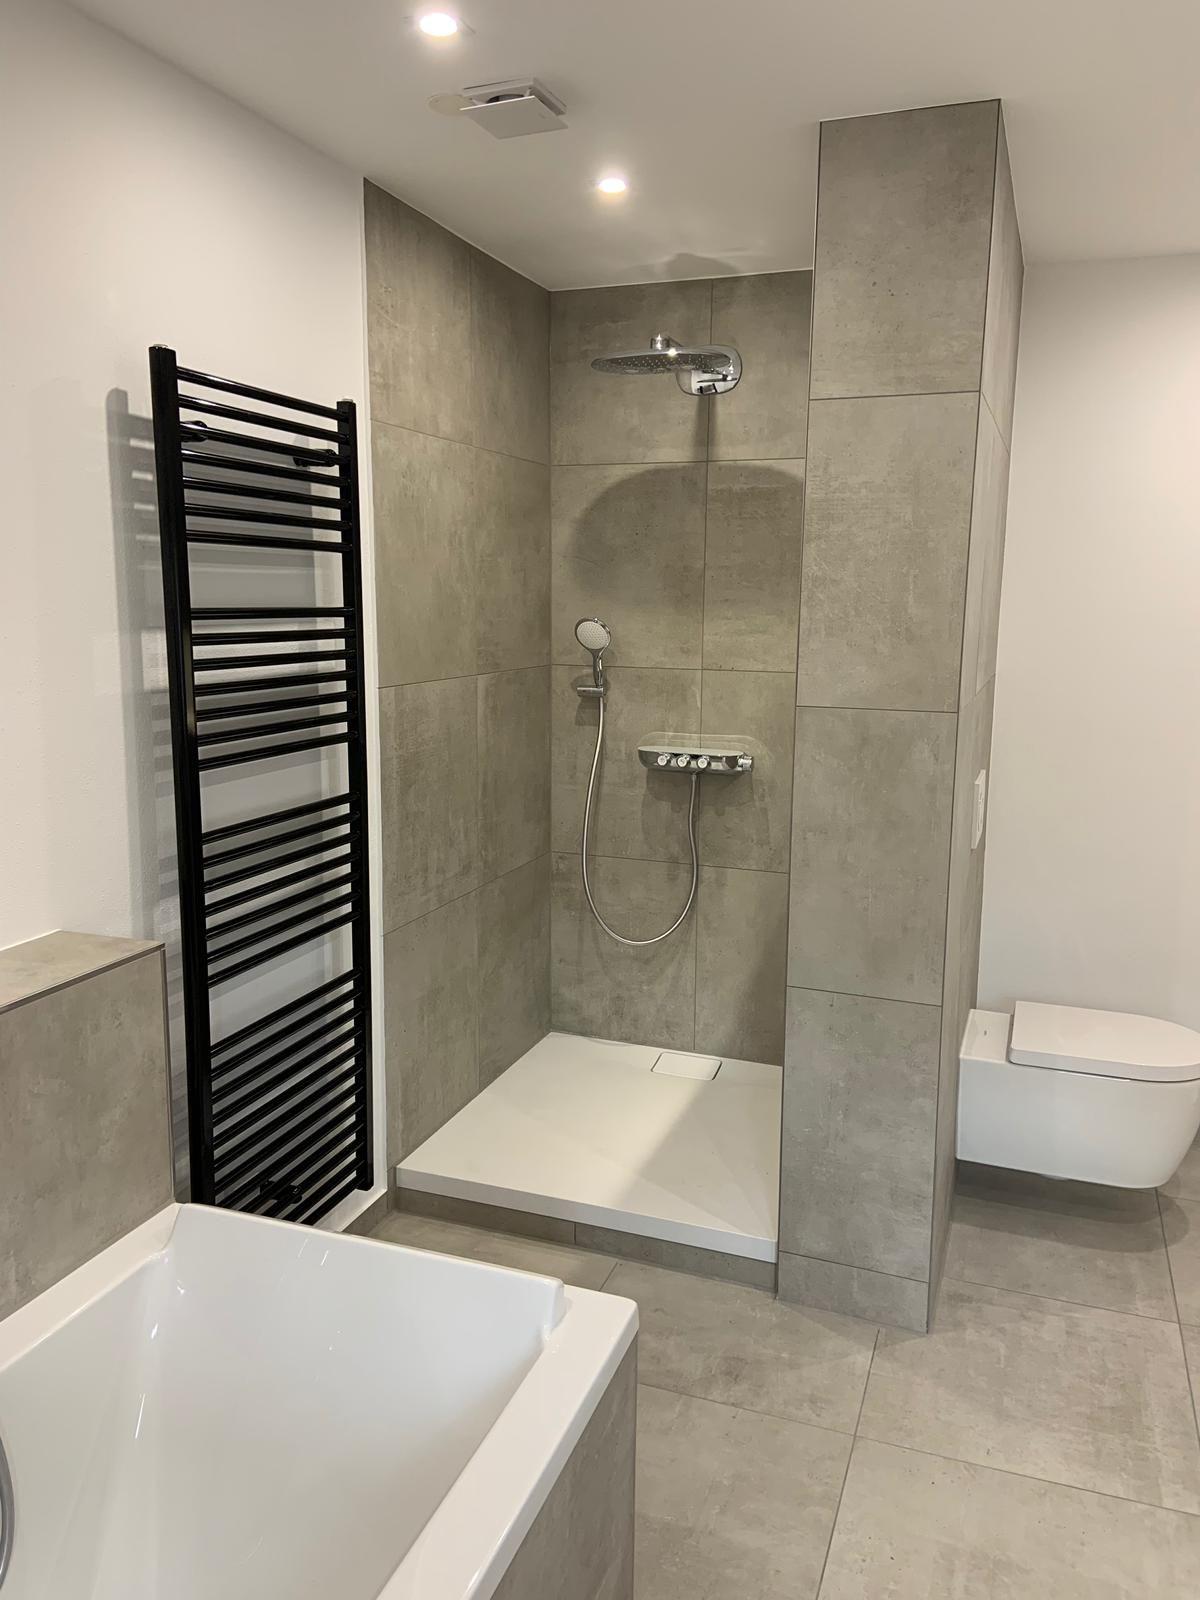 Dusche Bad Fliese Schoner Wohnen Urban Ivory Betonoptik Schoner Wohnen Betonoptik Dusche